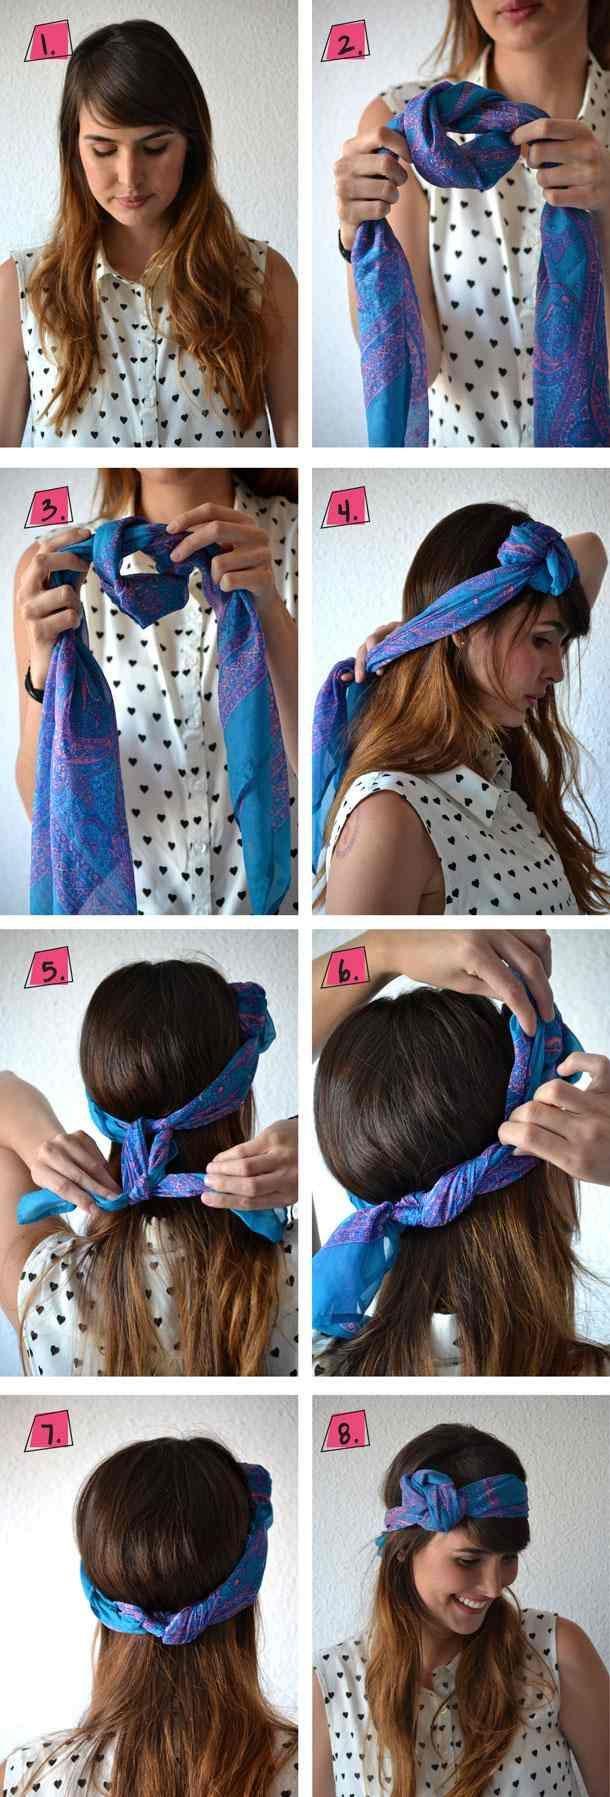 Tolle Idee Mit Dem Tuch Und Der Frisur! Style Of Dreams